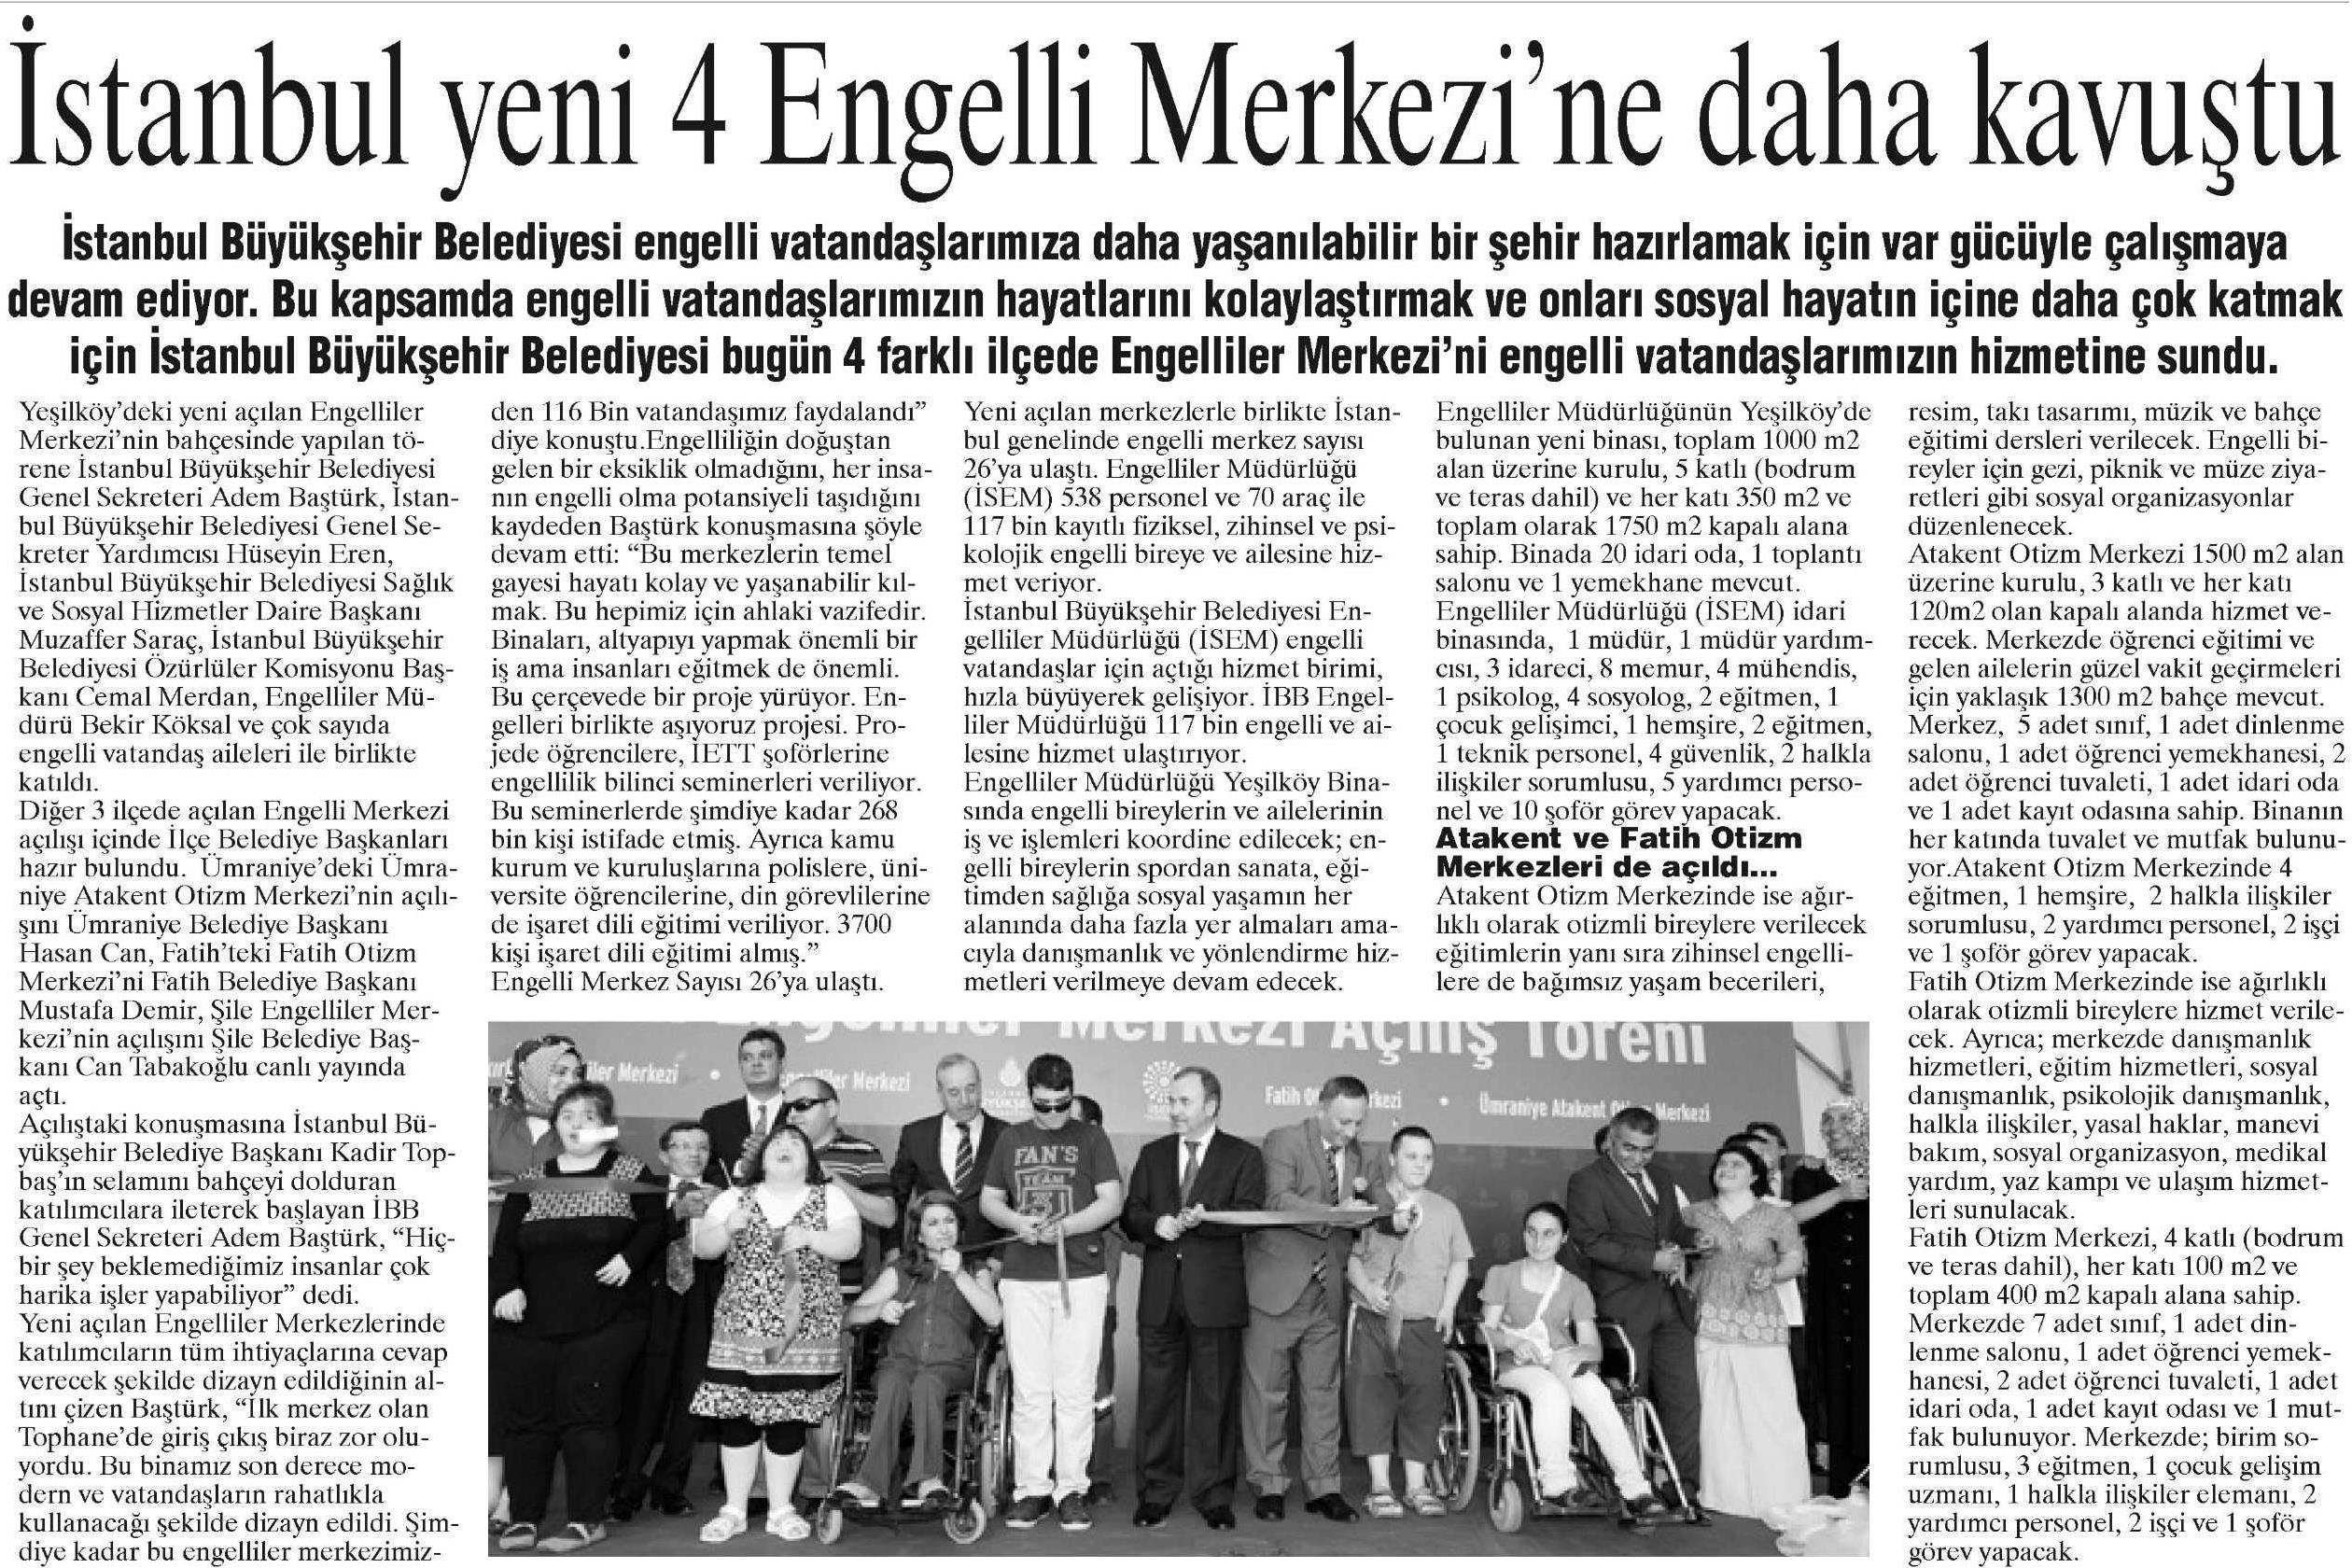 18.06.2013_buyukcekmece_engelli_merkezi